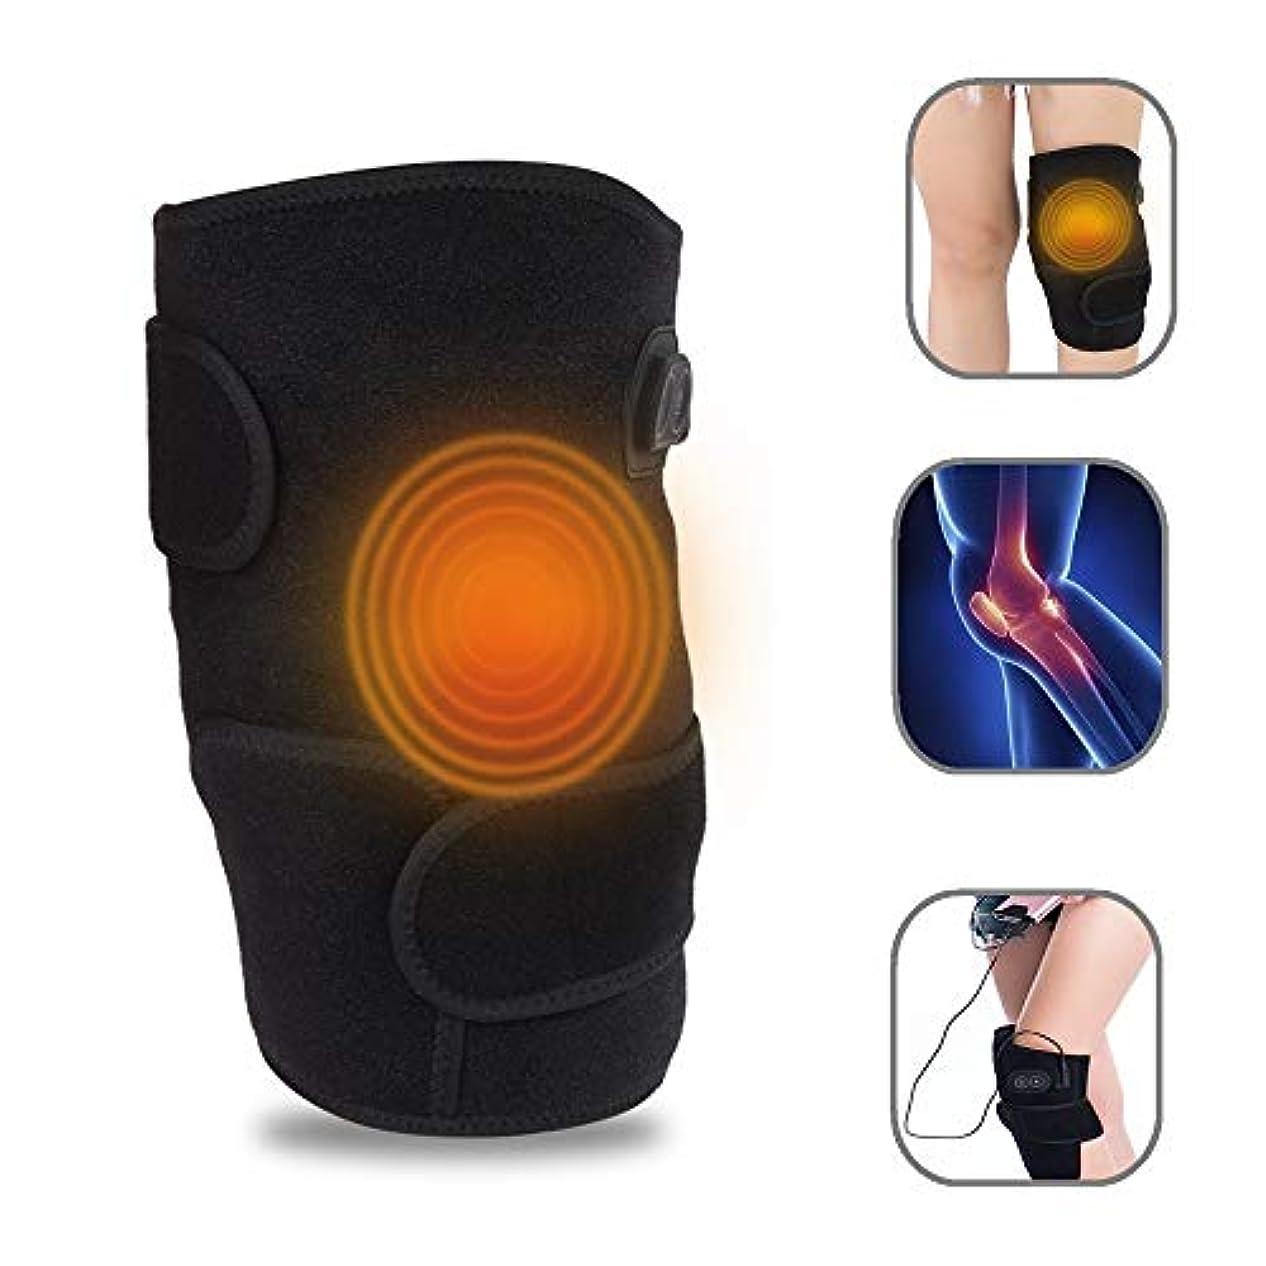 浸漬実行するリンスマッサージ 膝の理学療法装置、膝の振動、膝の痛みを和らげる 電熱療法、 冬の暖かさ リウマチ